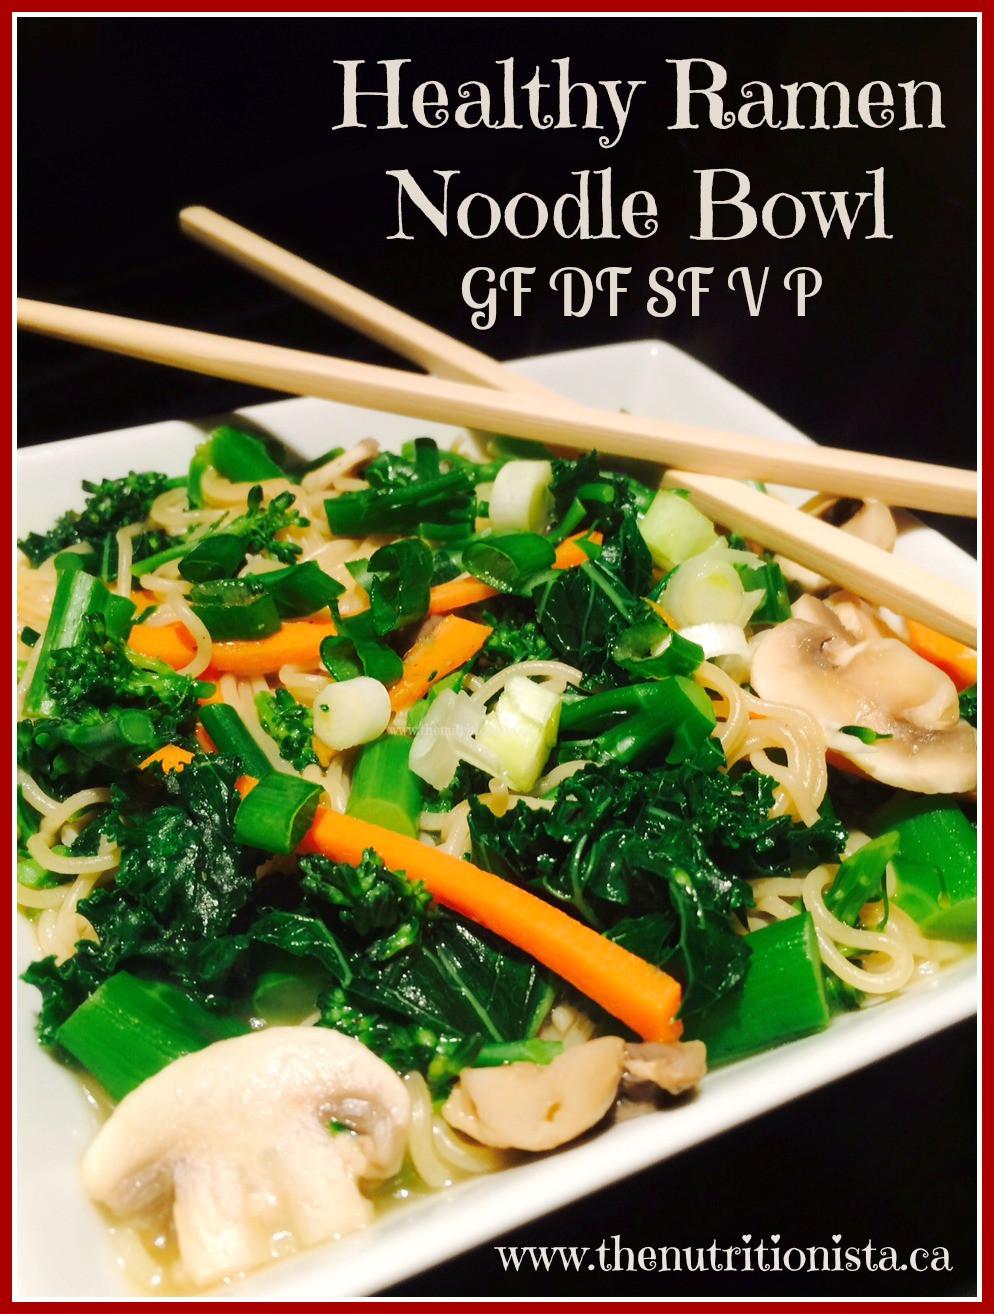 Ramen Noodles Unhealthy  Healthy Ramen Noodle Bowl Nutritionista